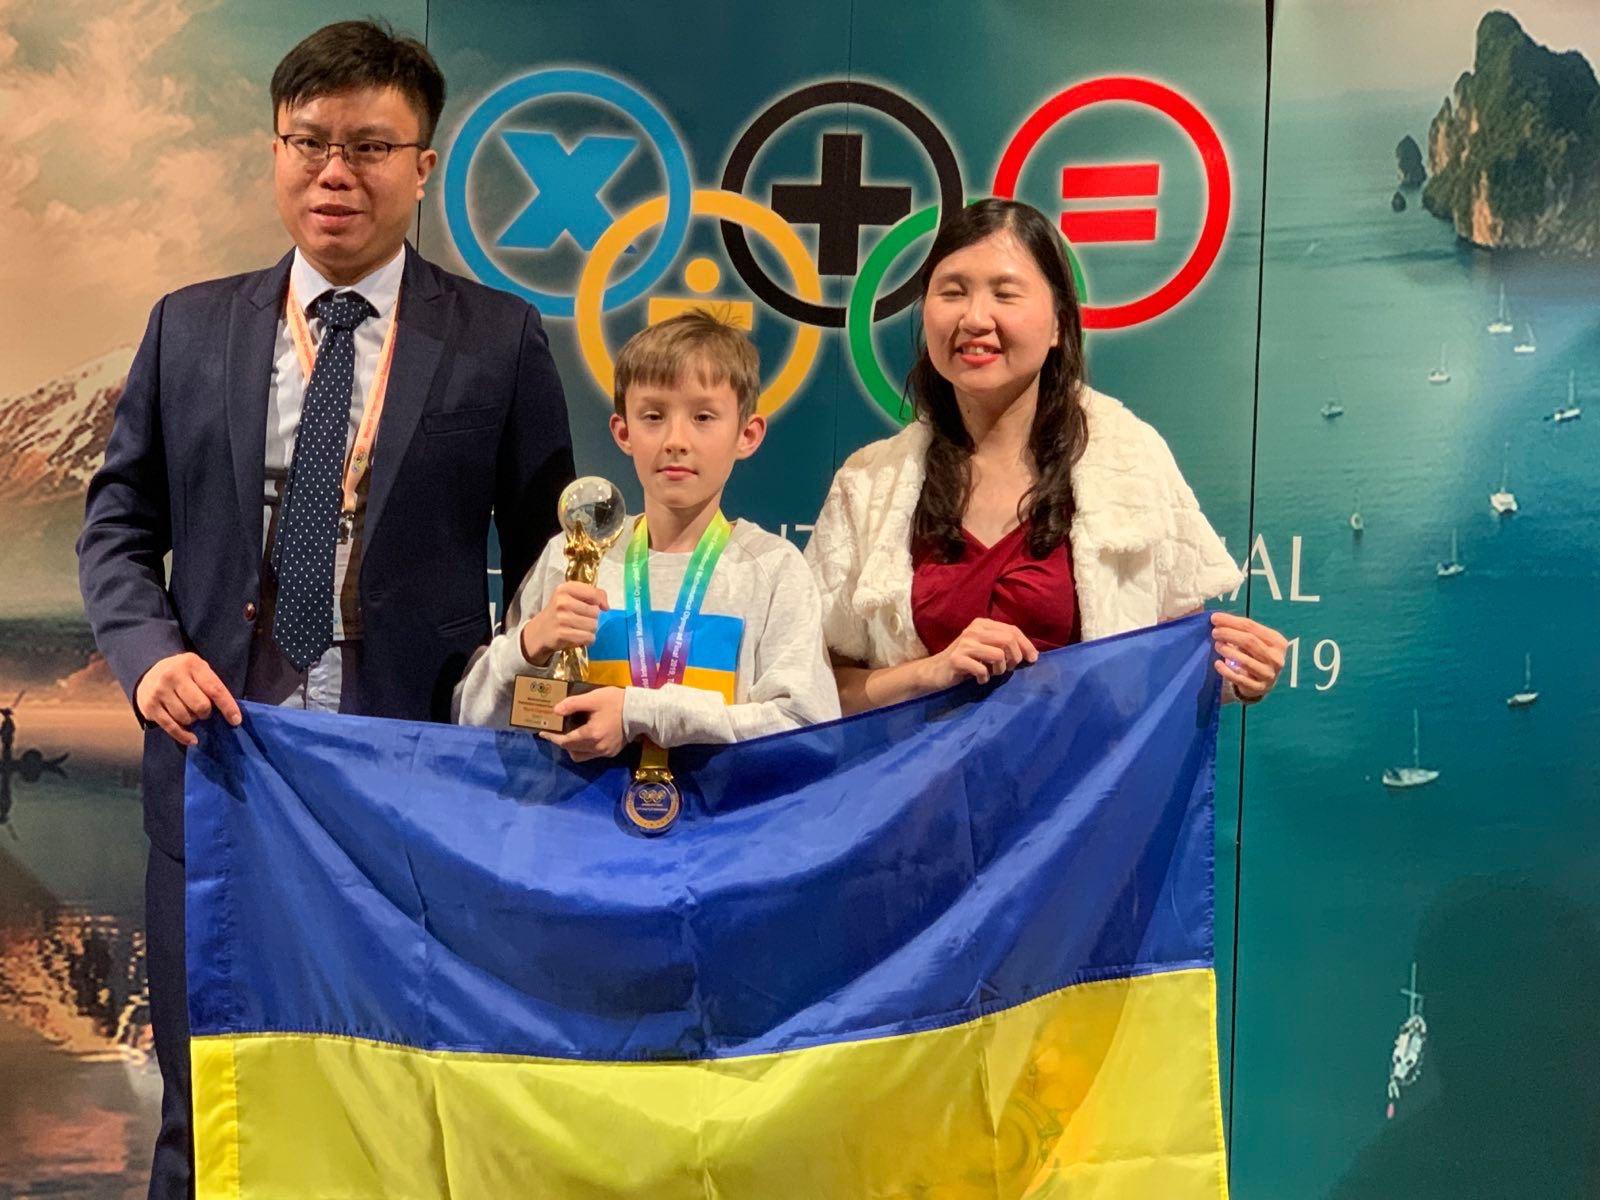 Математичні генії:  київські учні перемогли у Міжнародній олімпіаді - учні - B9199B45 D57A 46C3 BE9E 0B6BC51F9331